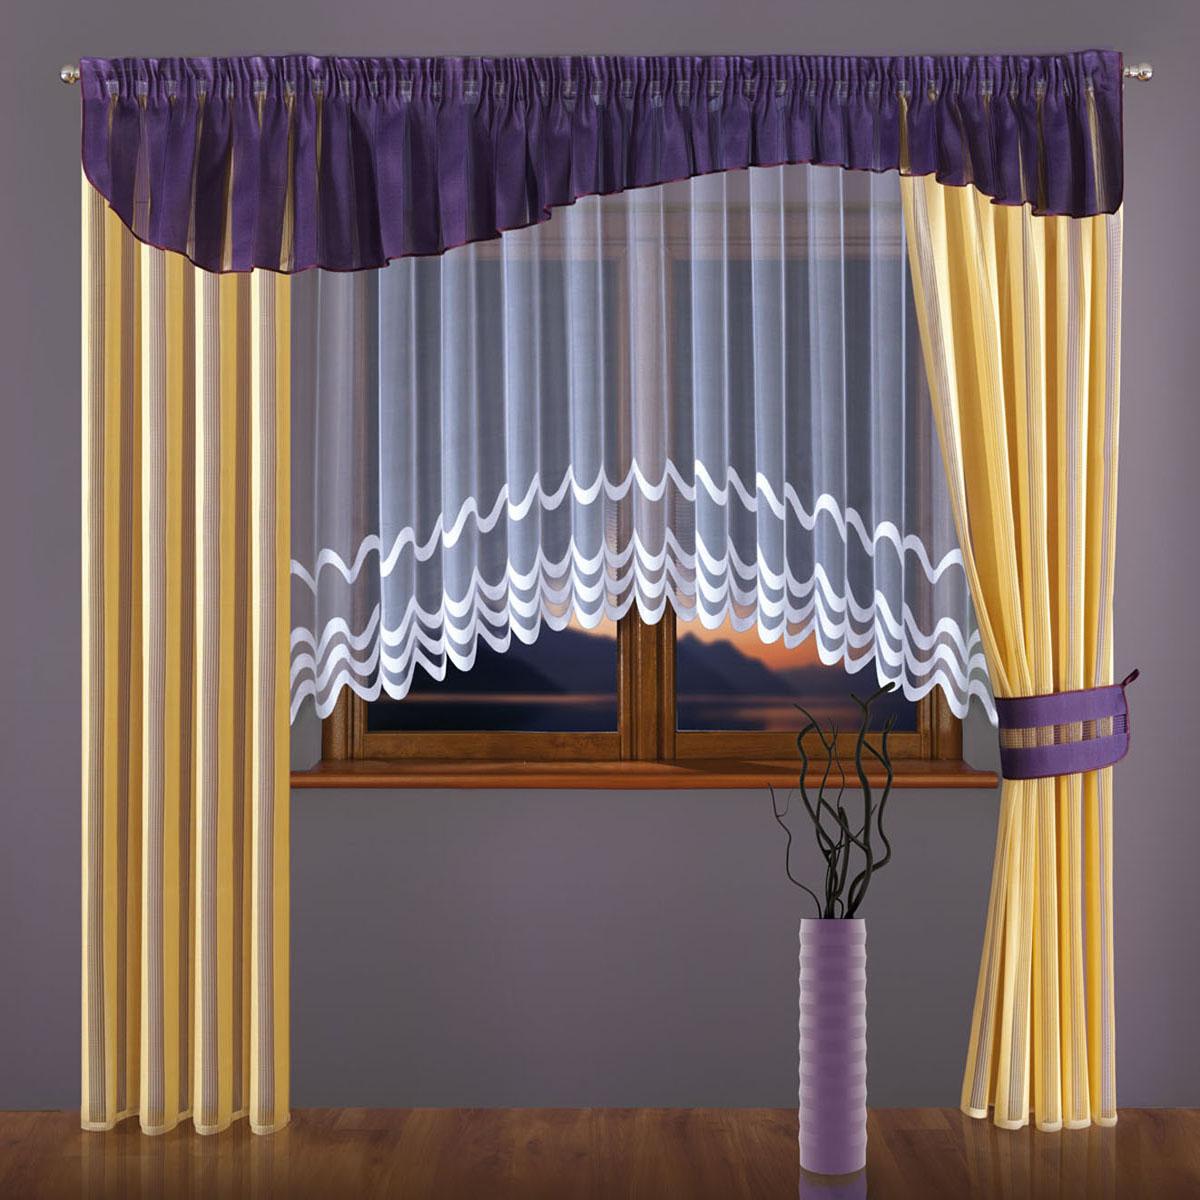 Комплект штор Wisan, цвет: фиолетовый, кремовый, высота 240 см. 093W46990/250 бордосетчатые портьеры, полупрозрачные, крепление - шторная лентаРазмеры: тюль ширина 400* выс.160, шторы (ширина 150* выс.240)*2, ламбрекен 400*50